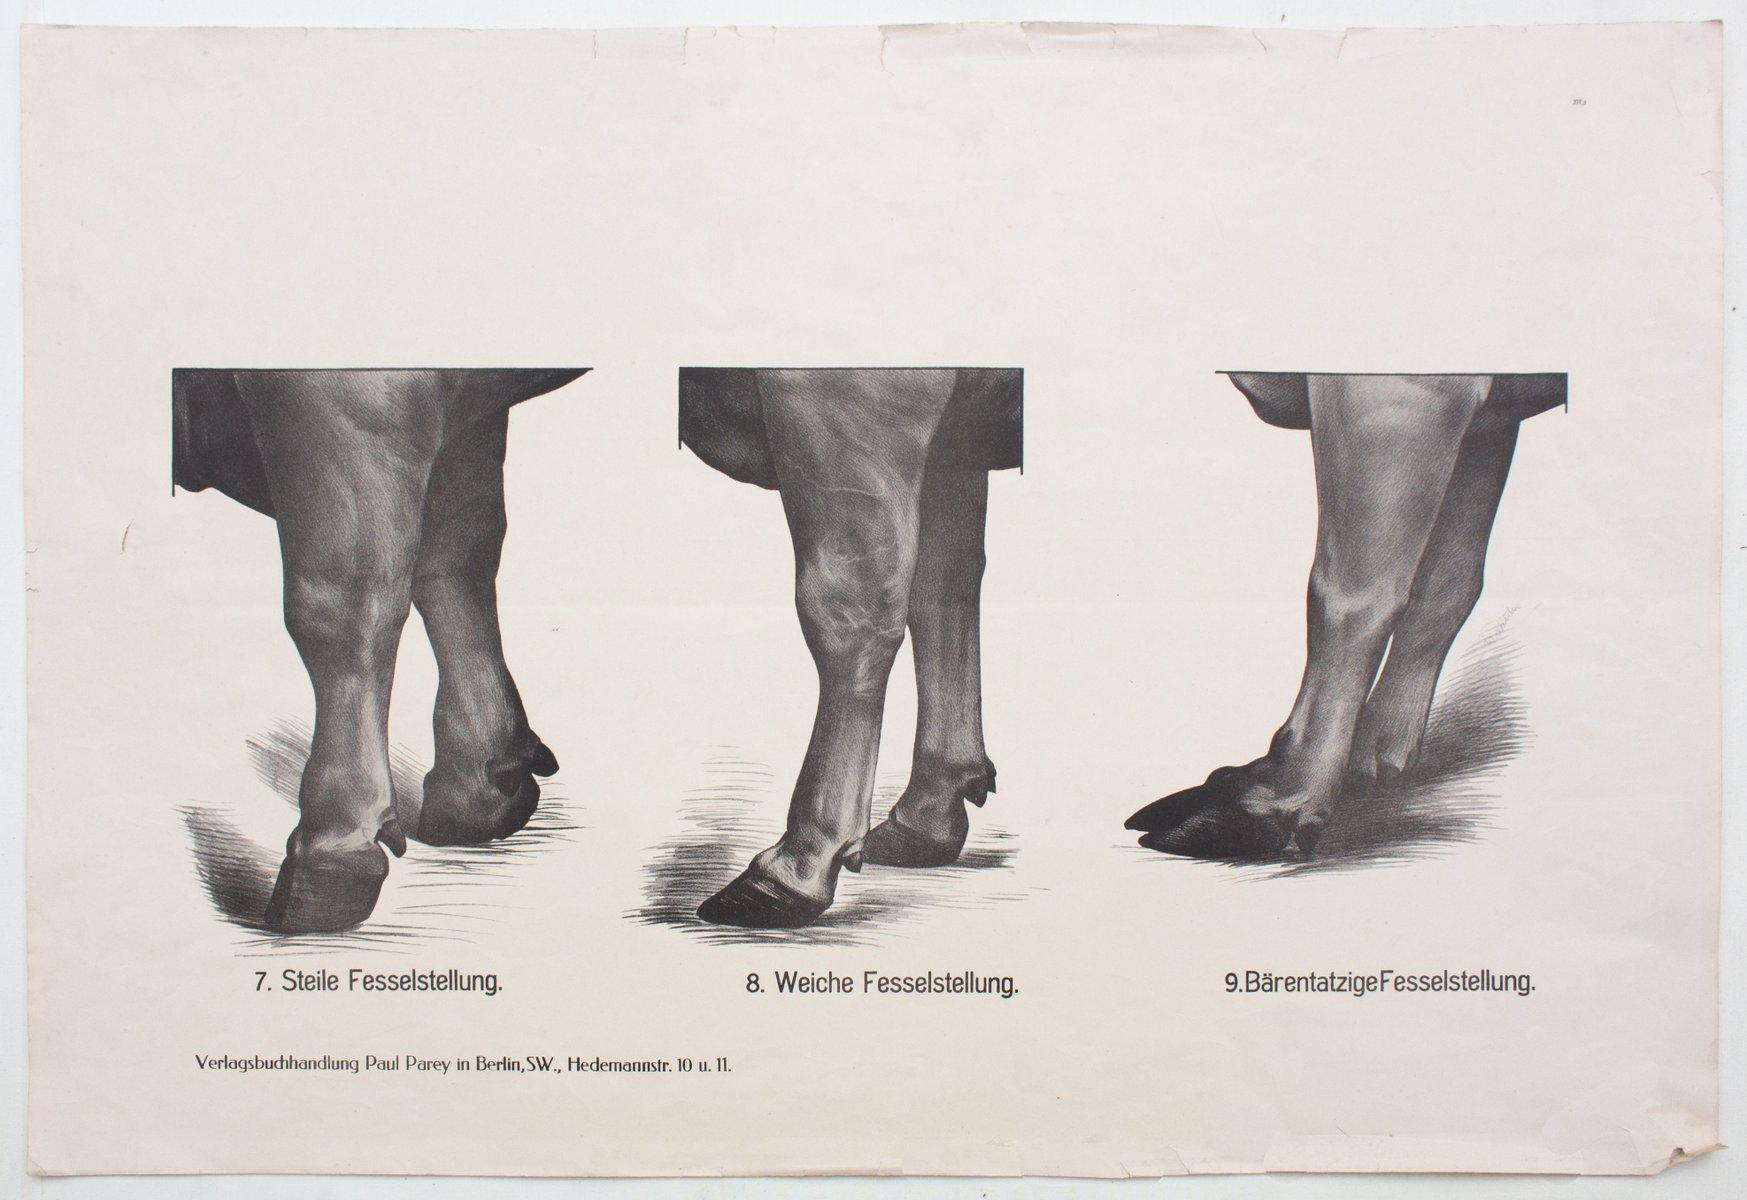 Anatomie der Kuh Lehrtafel von Dr. G. Pusch für Paul Parey, 1901 bei ...